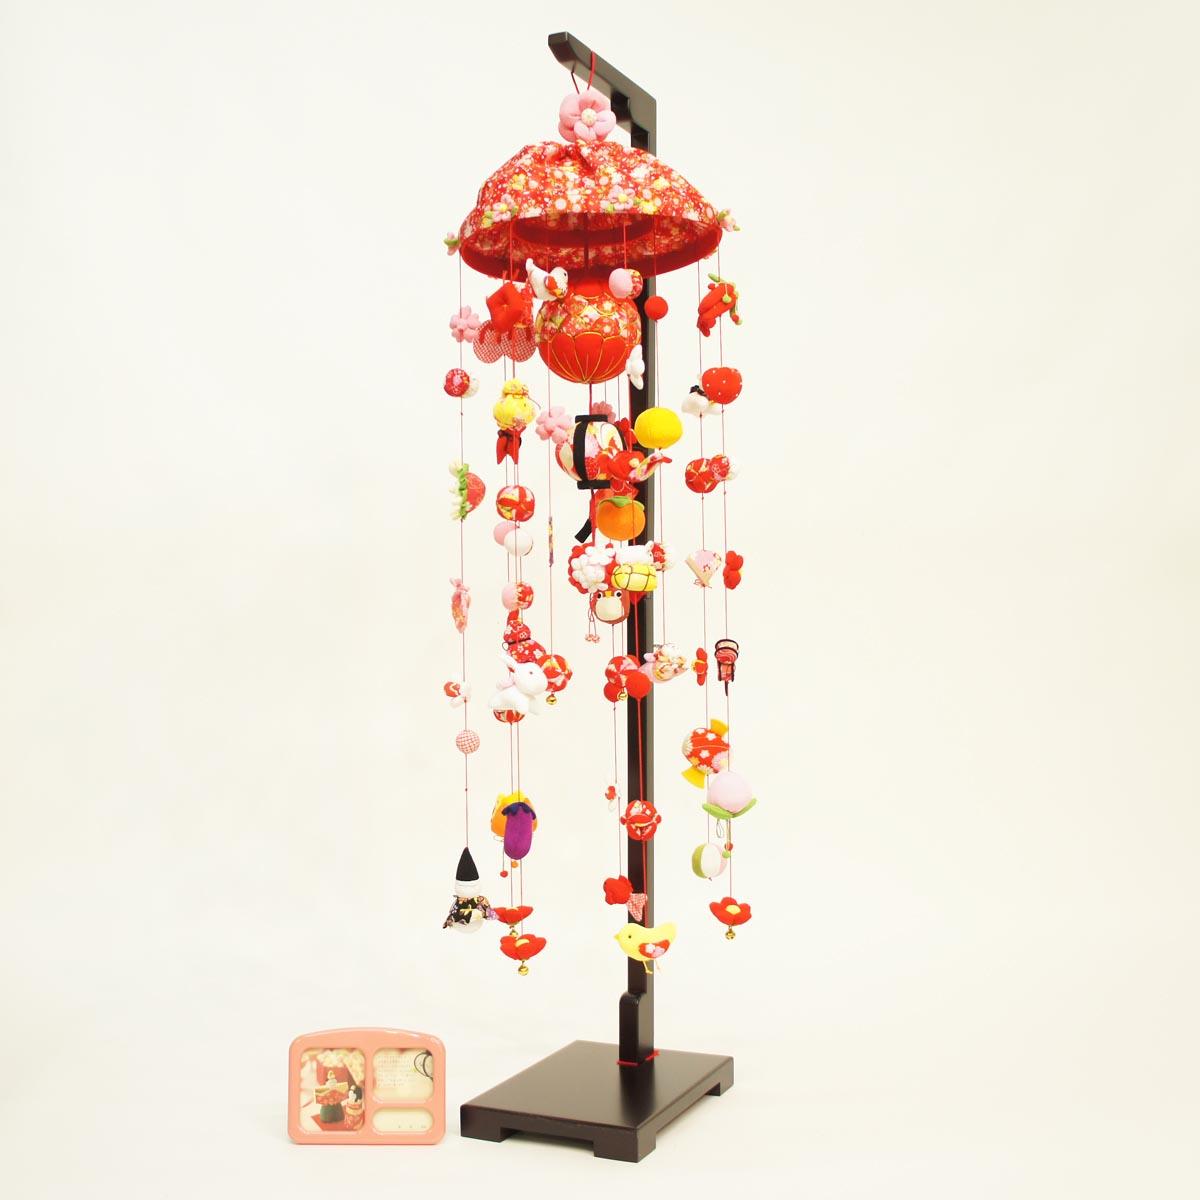 ひなもも (大) スタンド付き オルゴール付き TRS-BK-SB-G501S送料無料 ※北海道 沖縄は除く つるし雛 吊るし飾り で 桃の節句 雛祭り ひな祭り 雛人形 のお祝いに